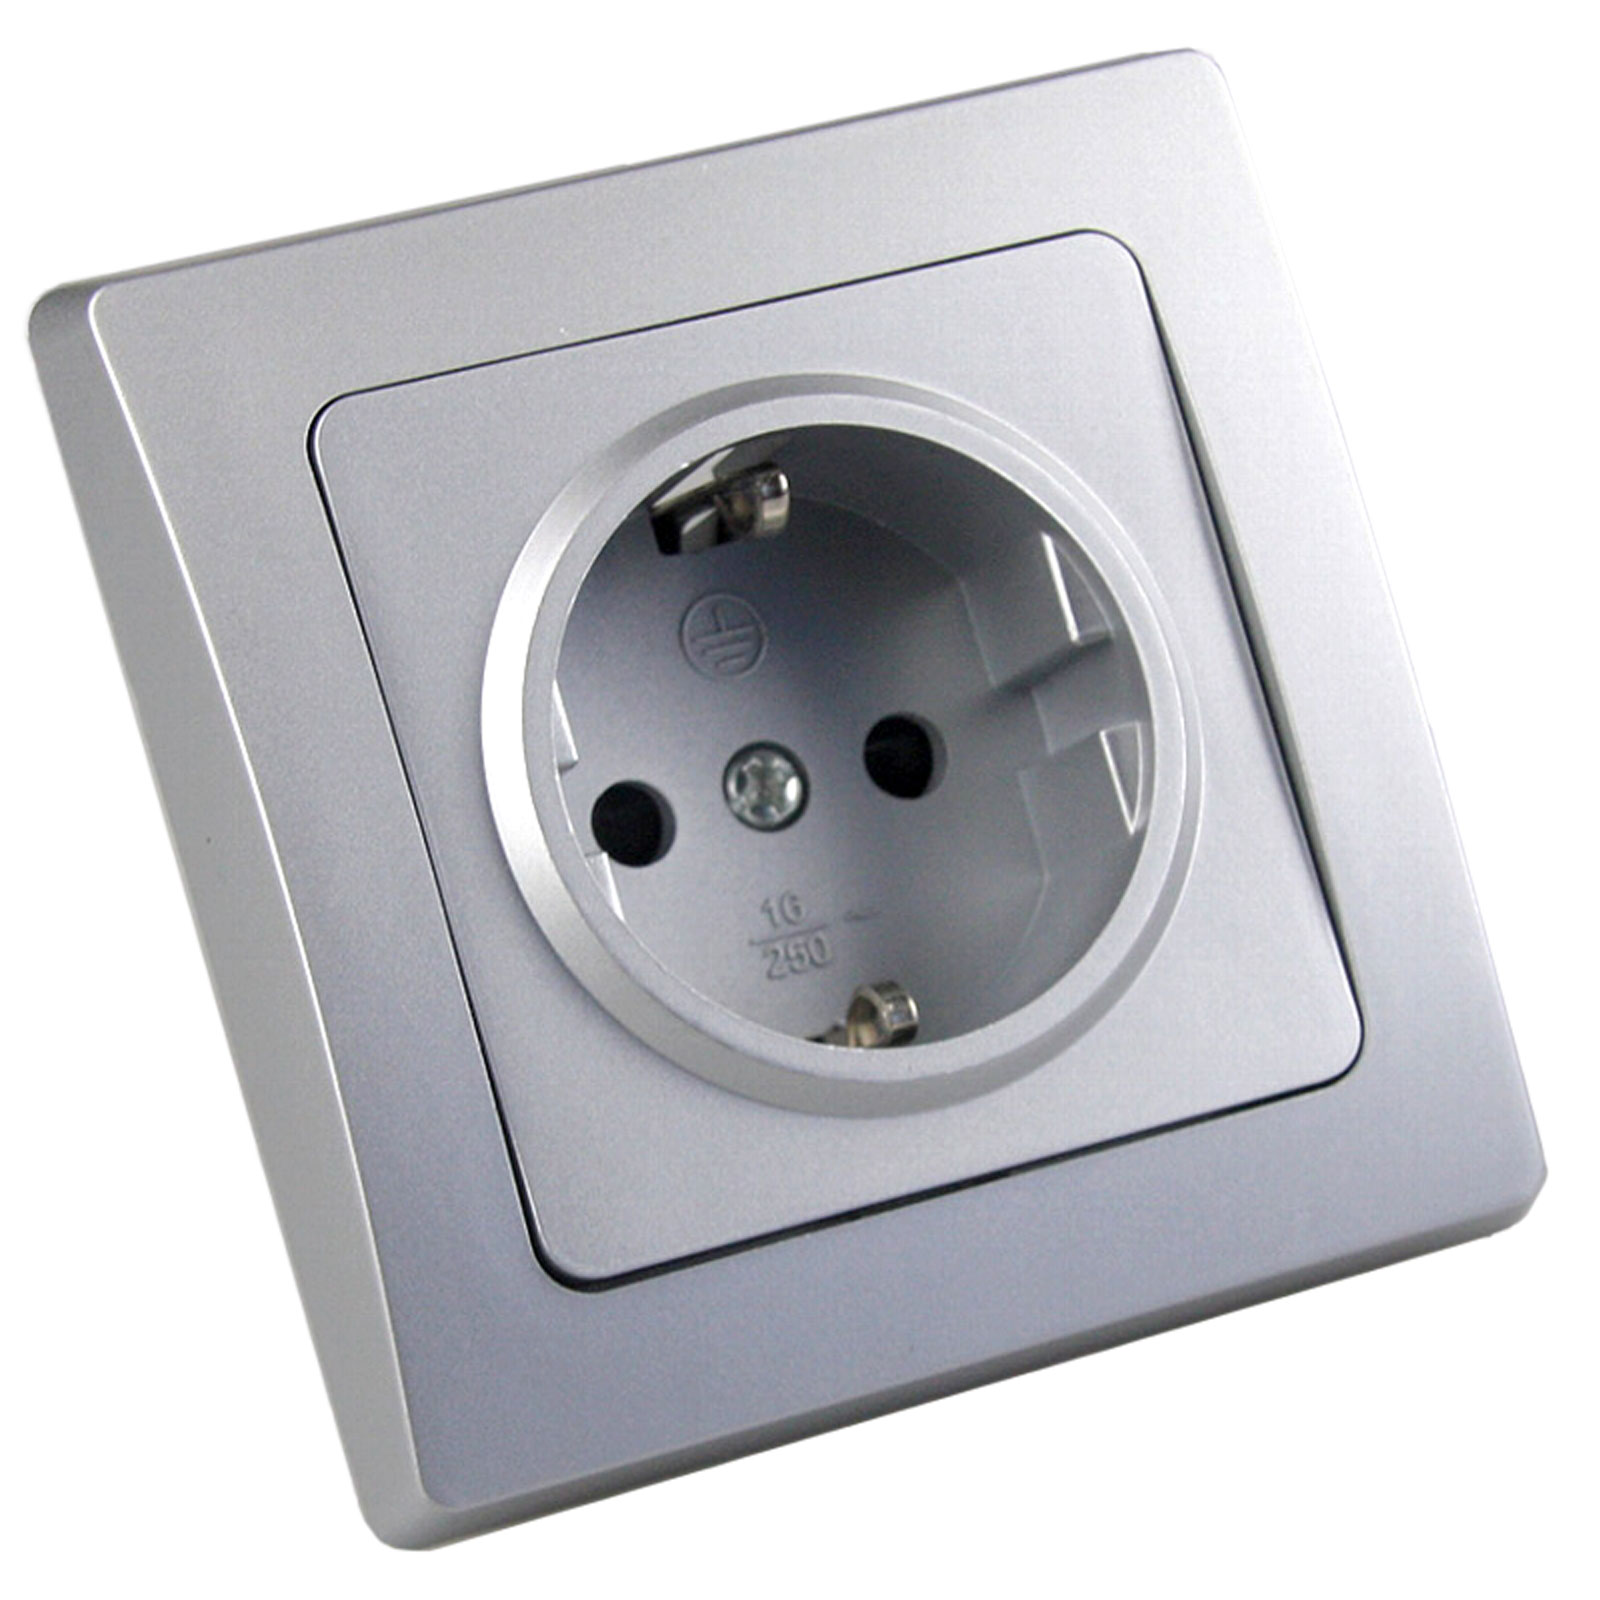 DELPHI silber Schalter LED Dimmer Taster Bewegungsmelder Steckdose ...